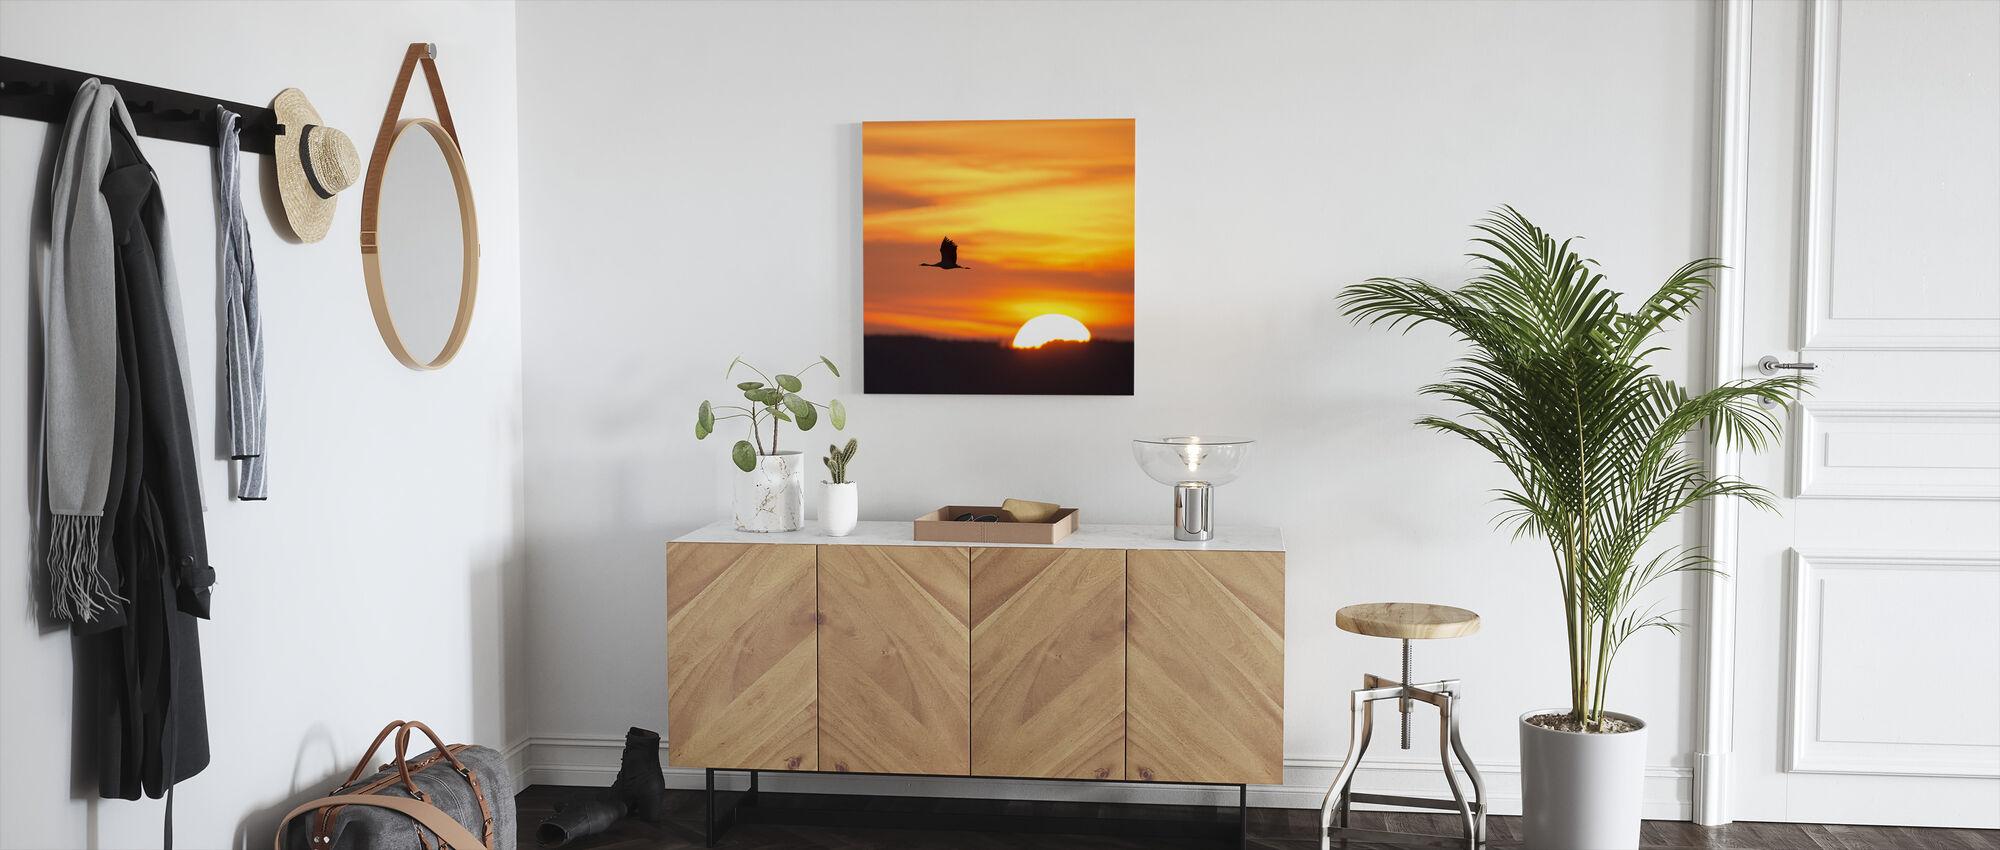 Kraan en een mooie zonsopgang - Canvas print - Gang